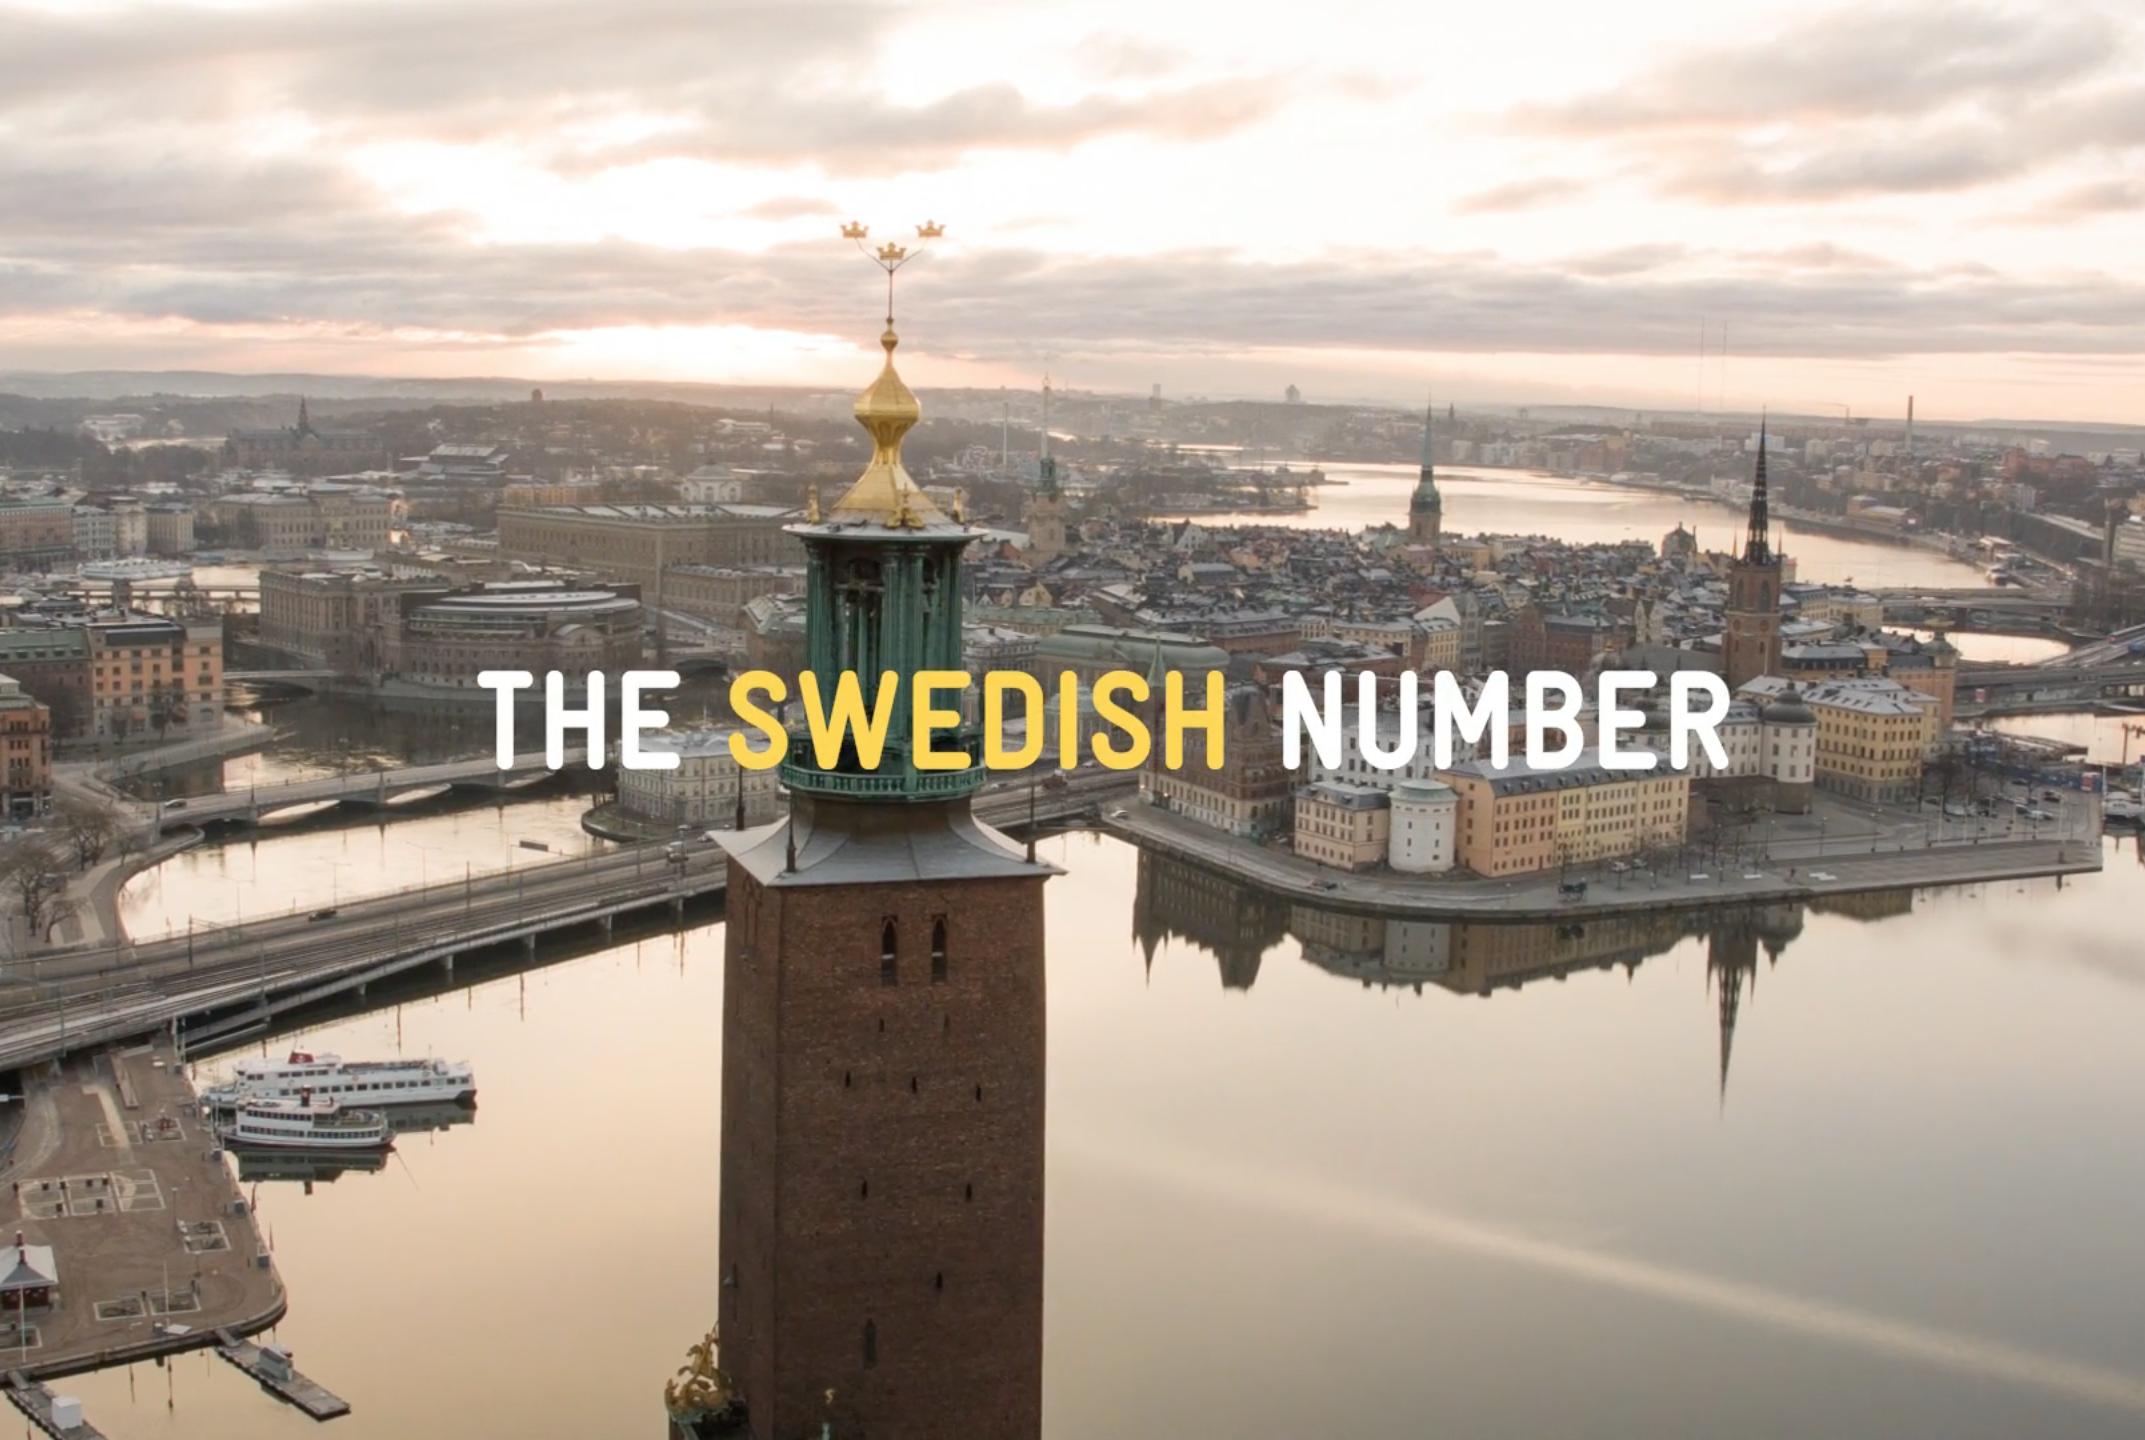 The Swedish Number - för Svenska TuristföreningenSe case ➝